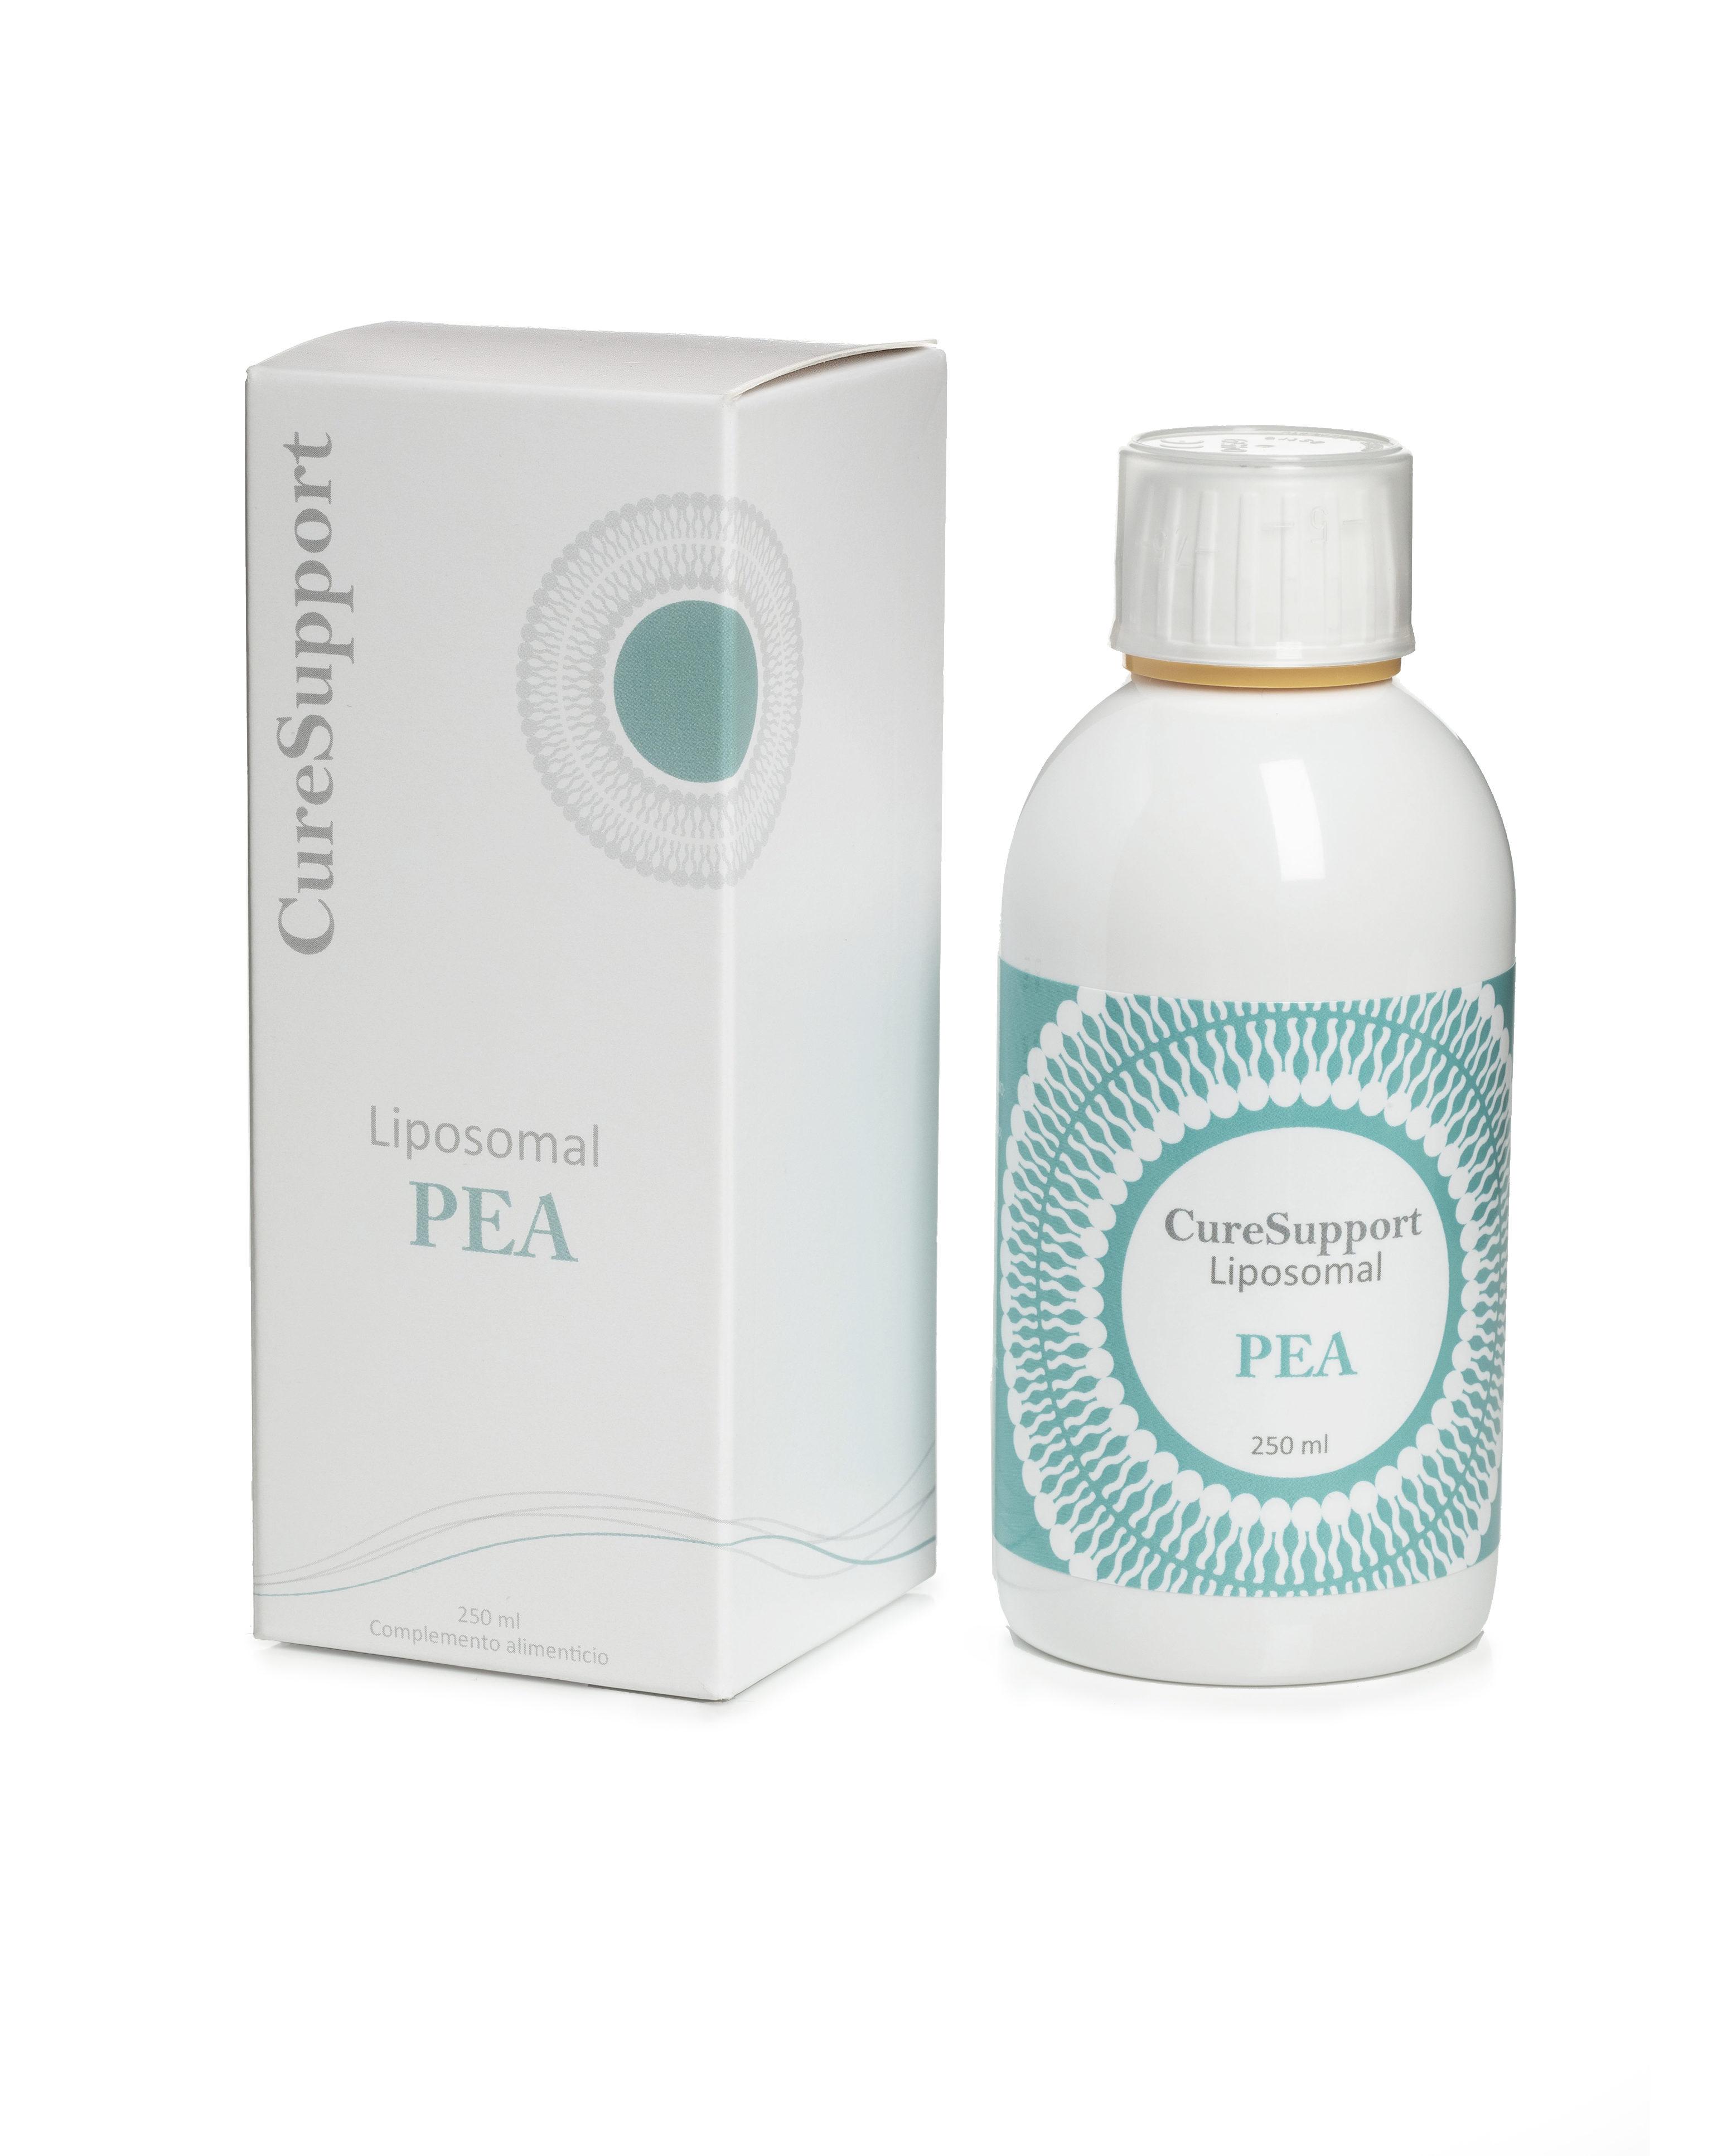 Liposomal PEA 1